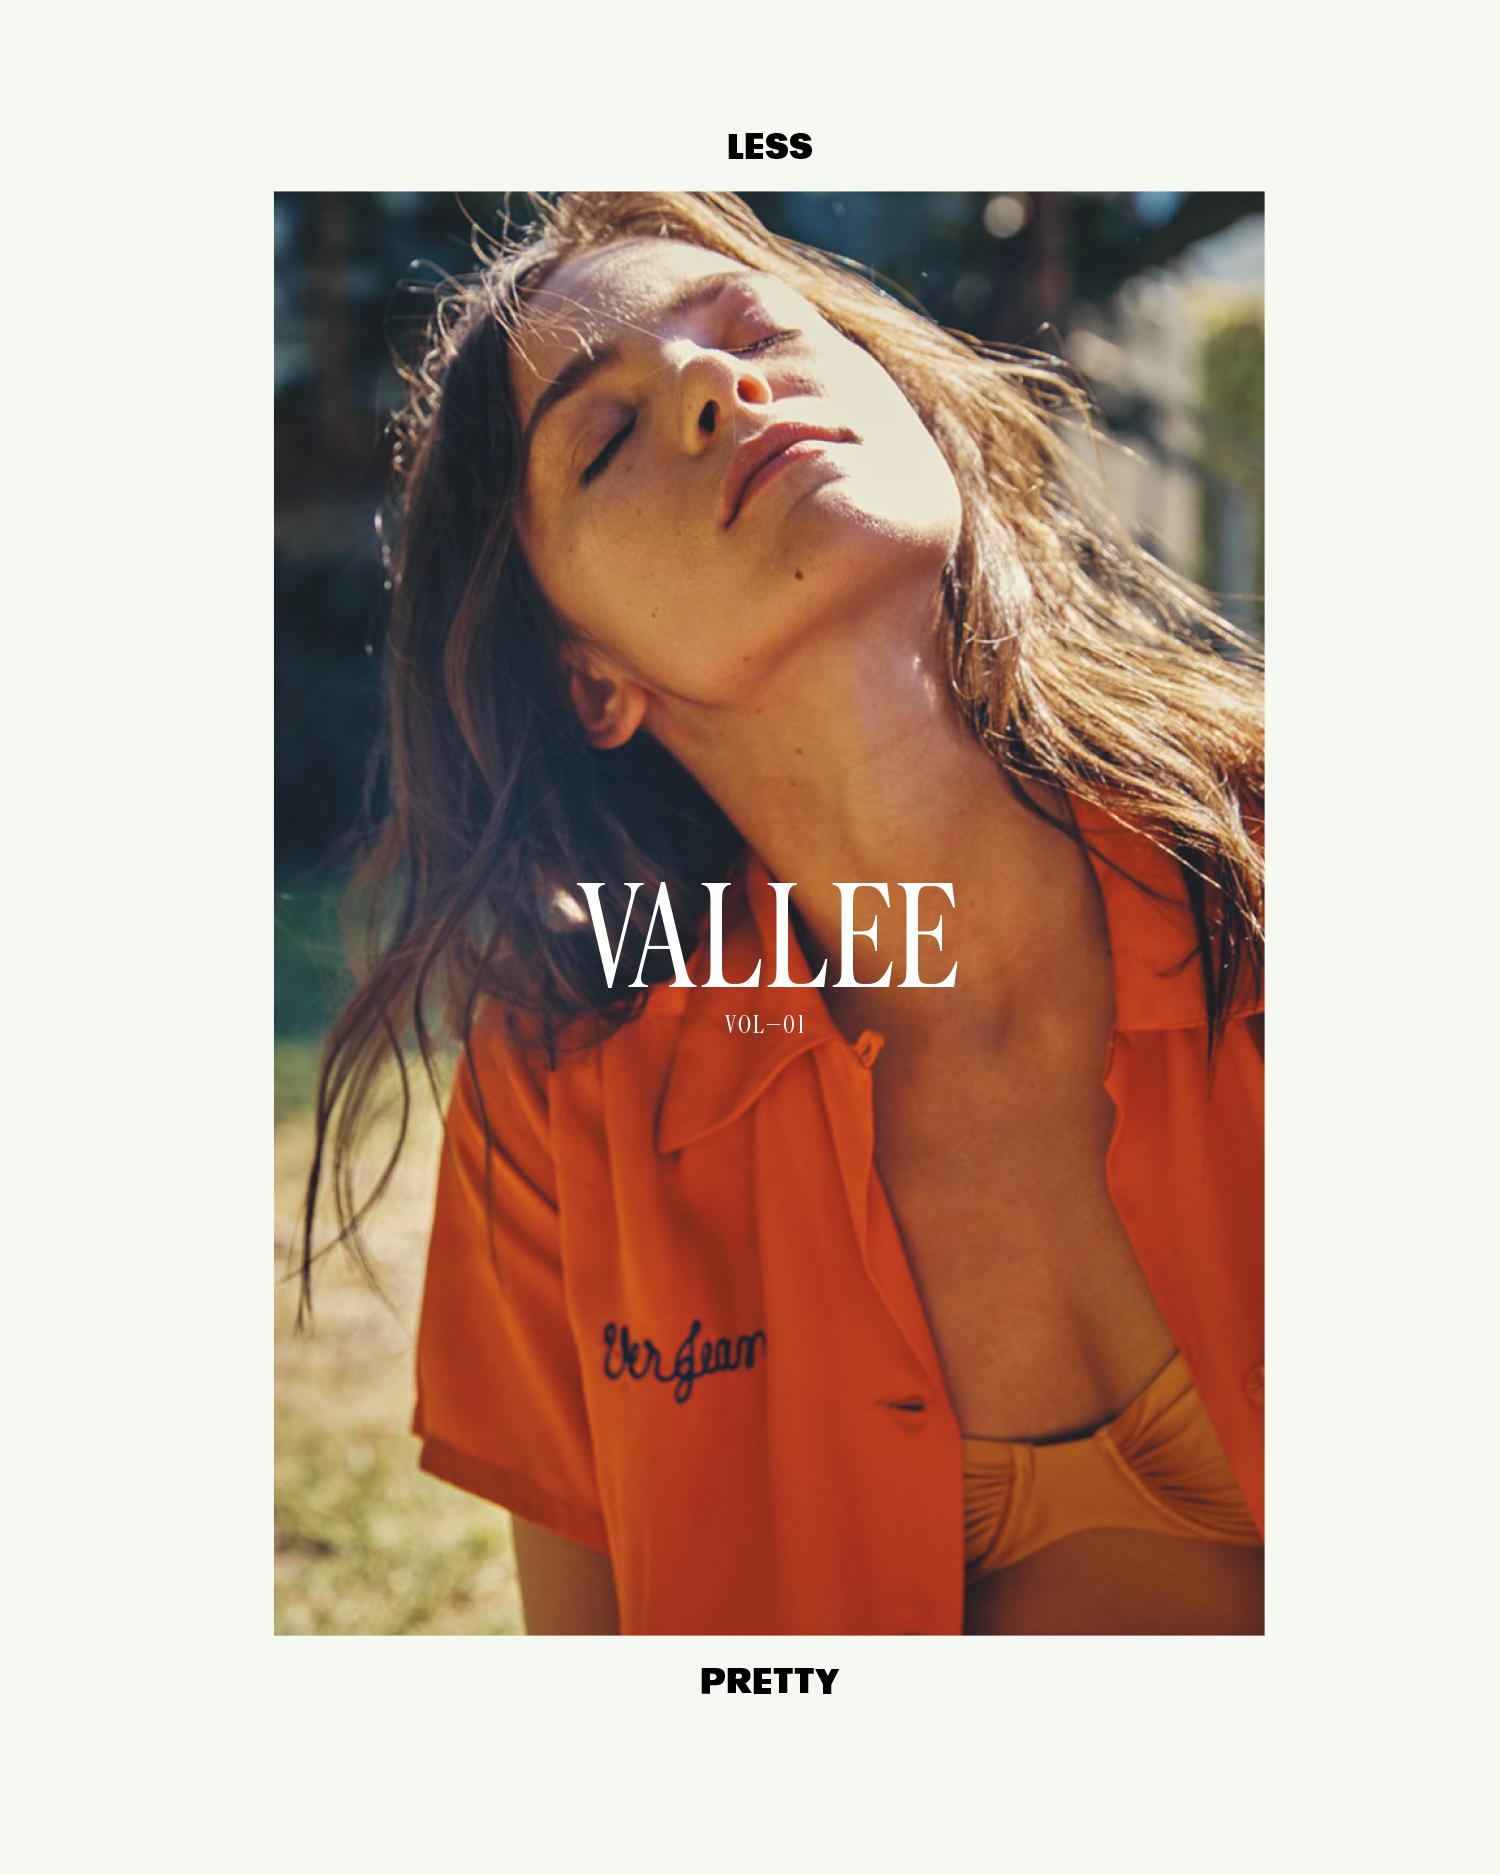 jvallee-promo-001.jpg